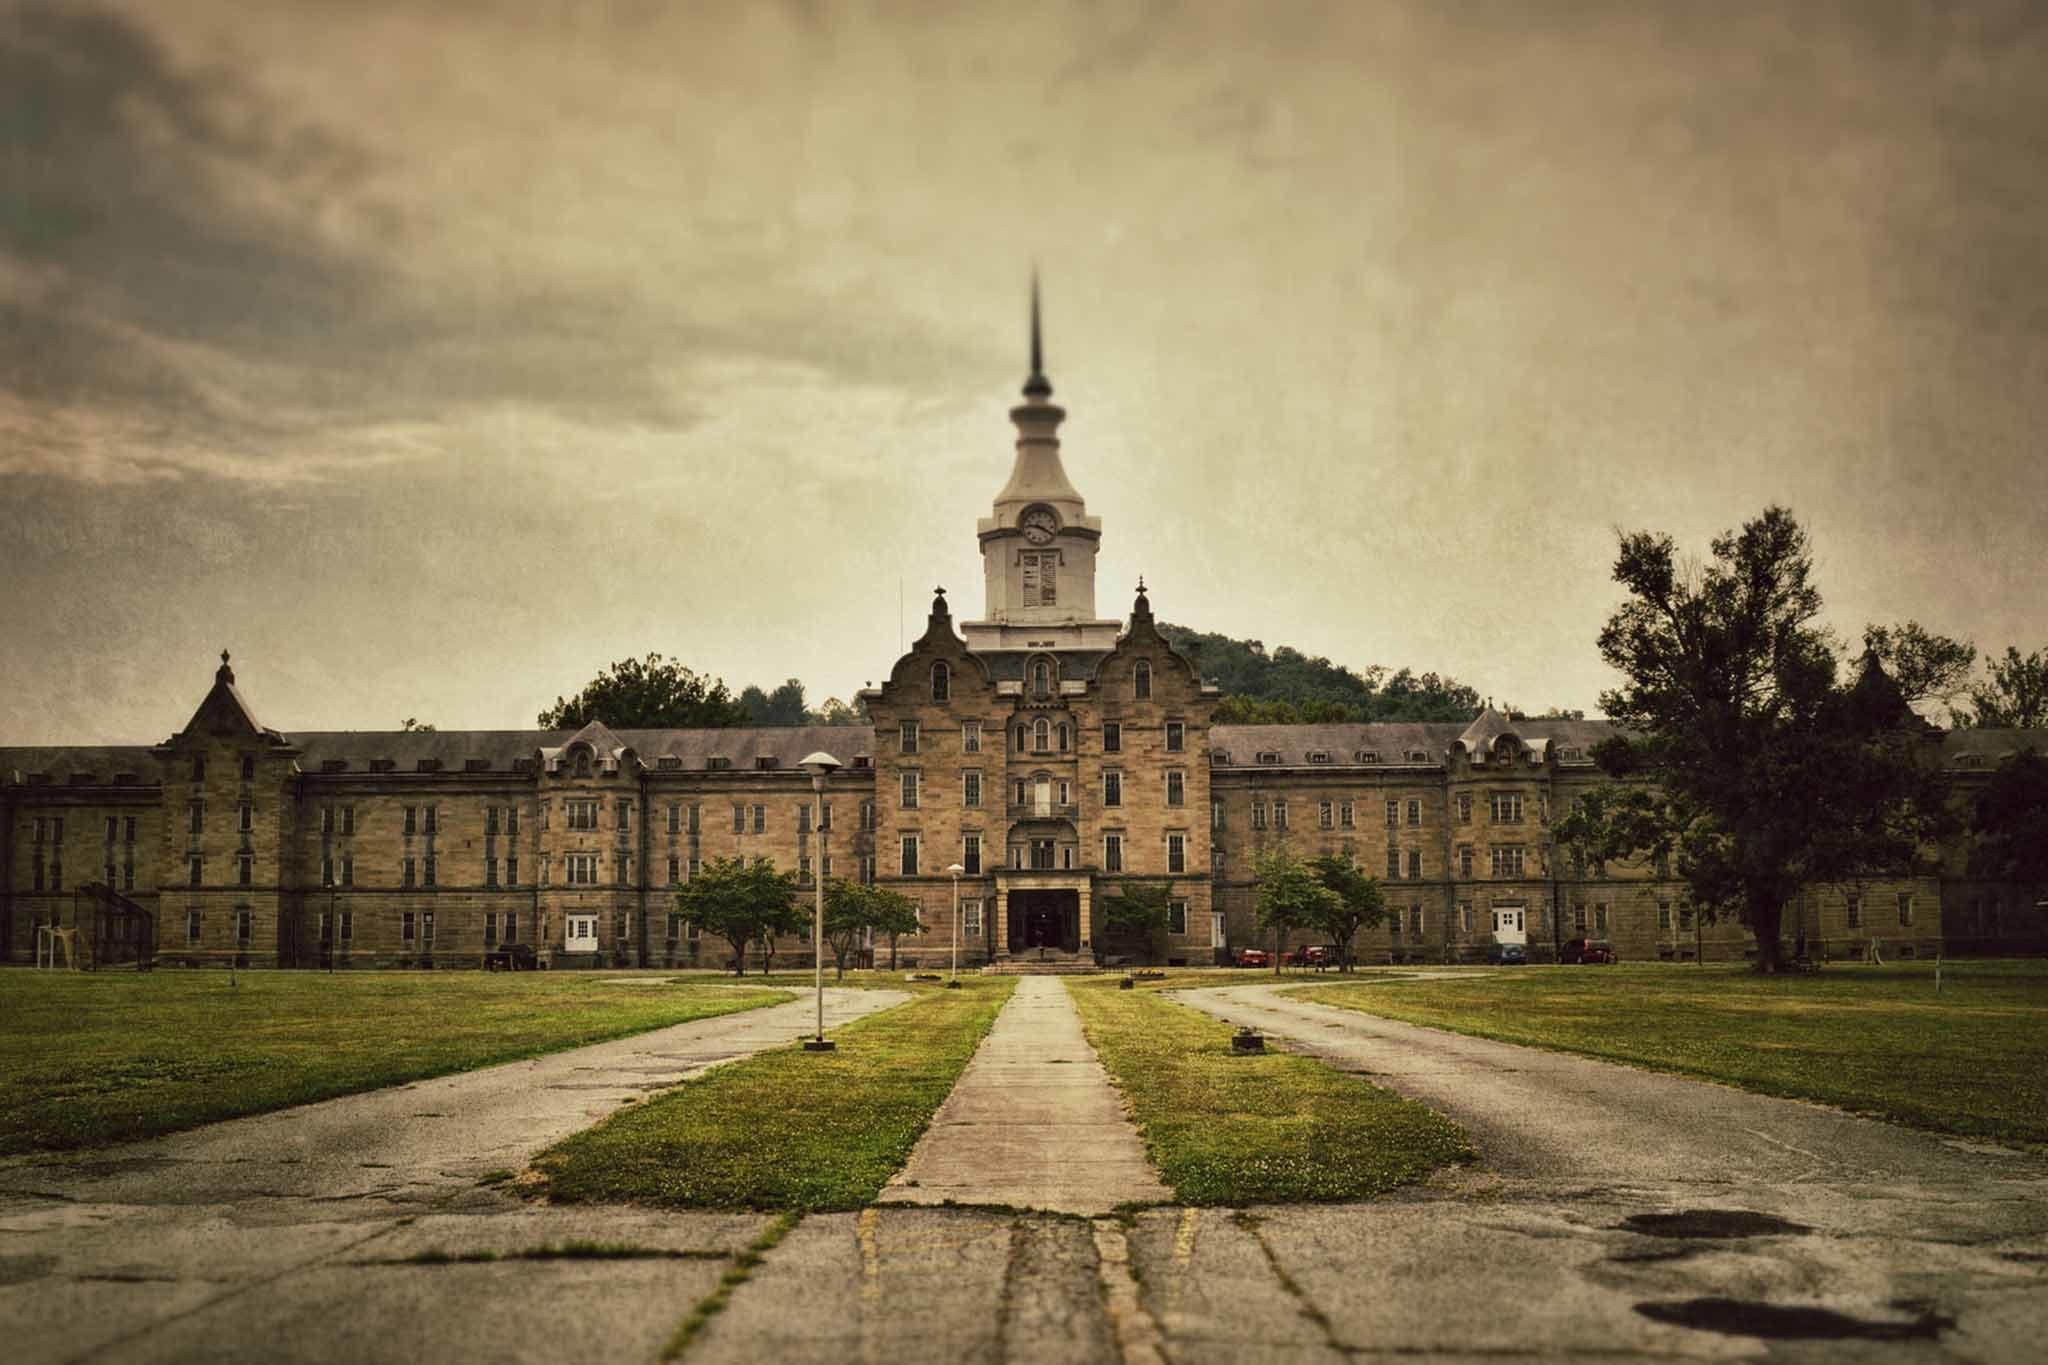 Trans-Allegheny Lunatic Asylum, eitw